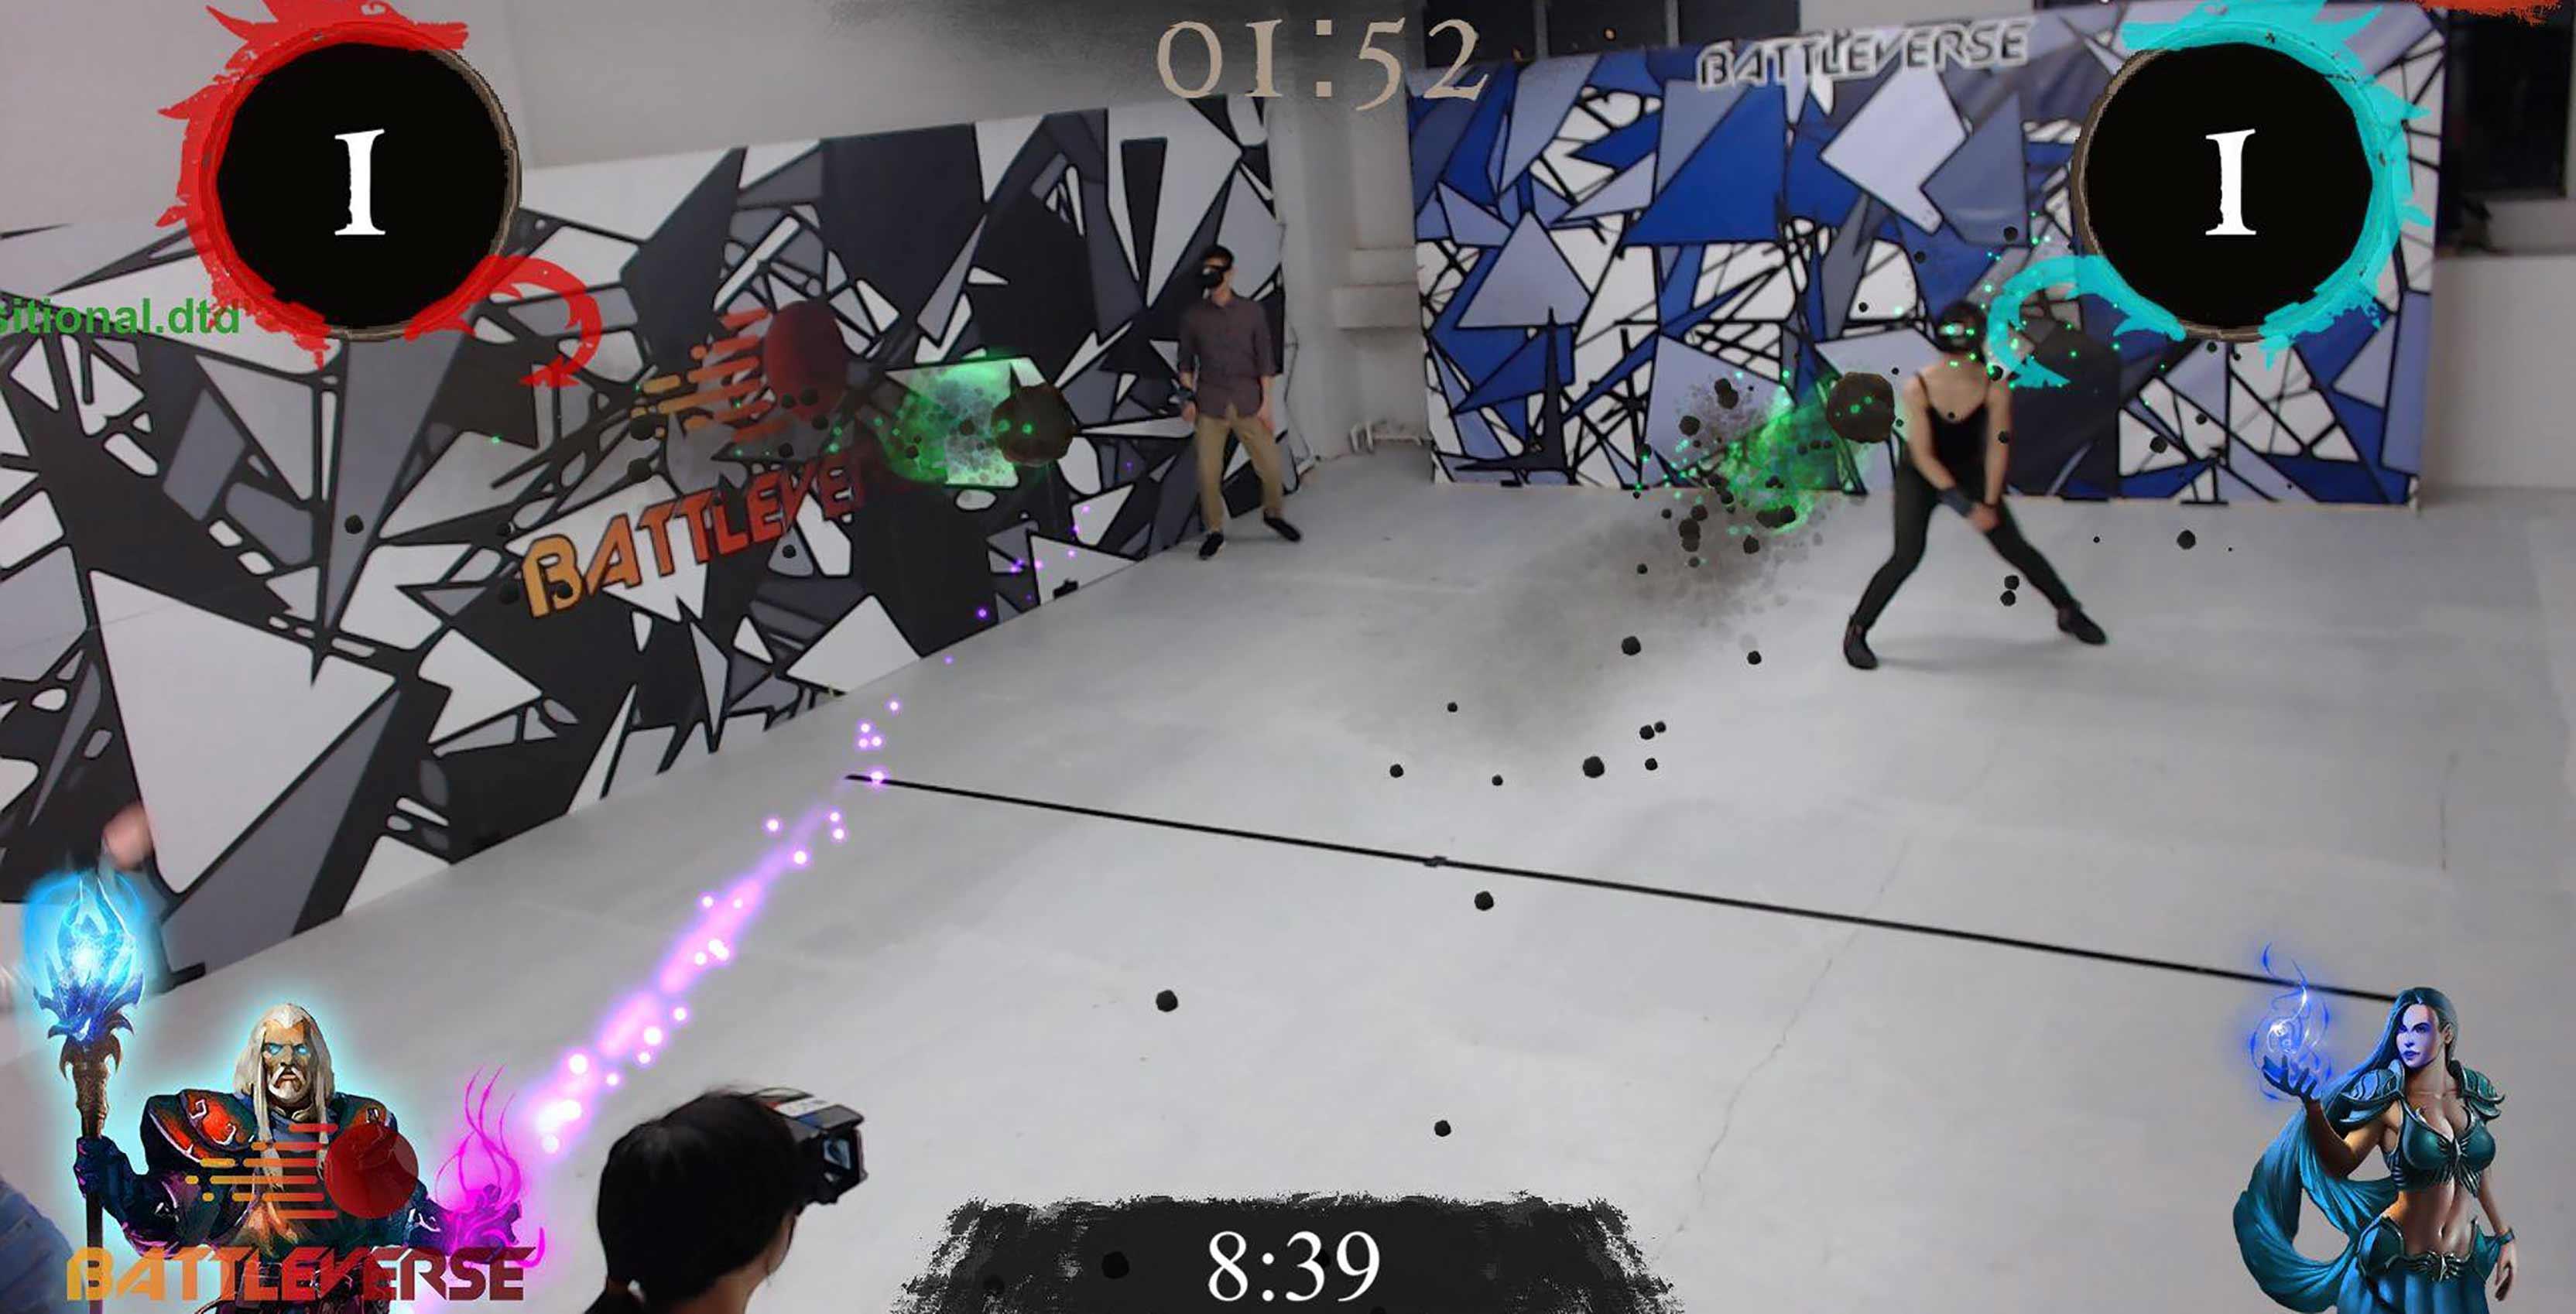 Battleverse AR game match